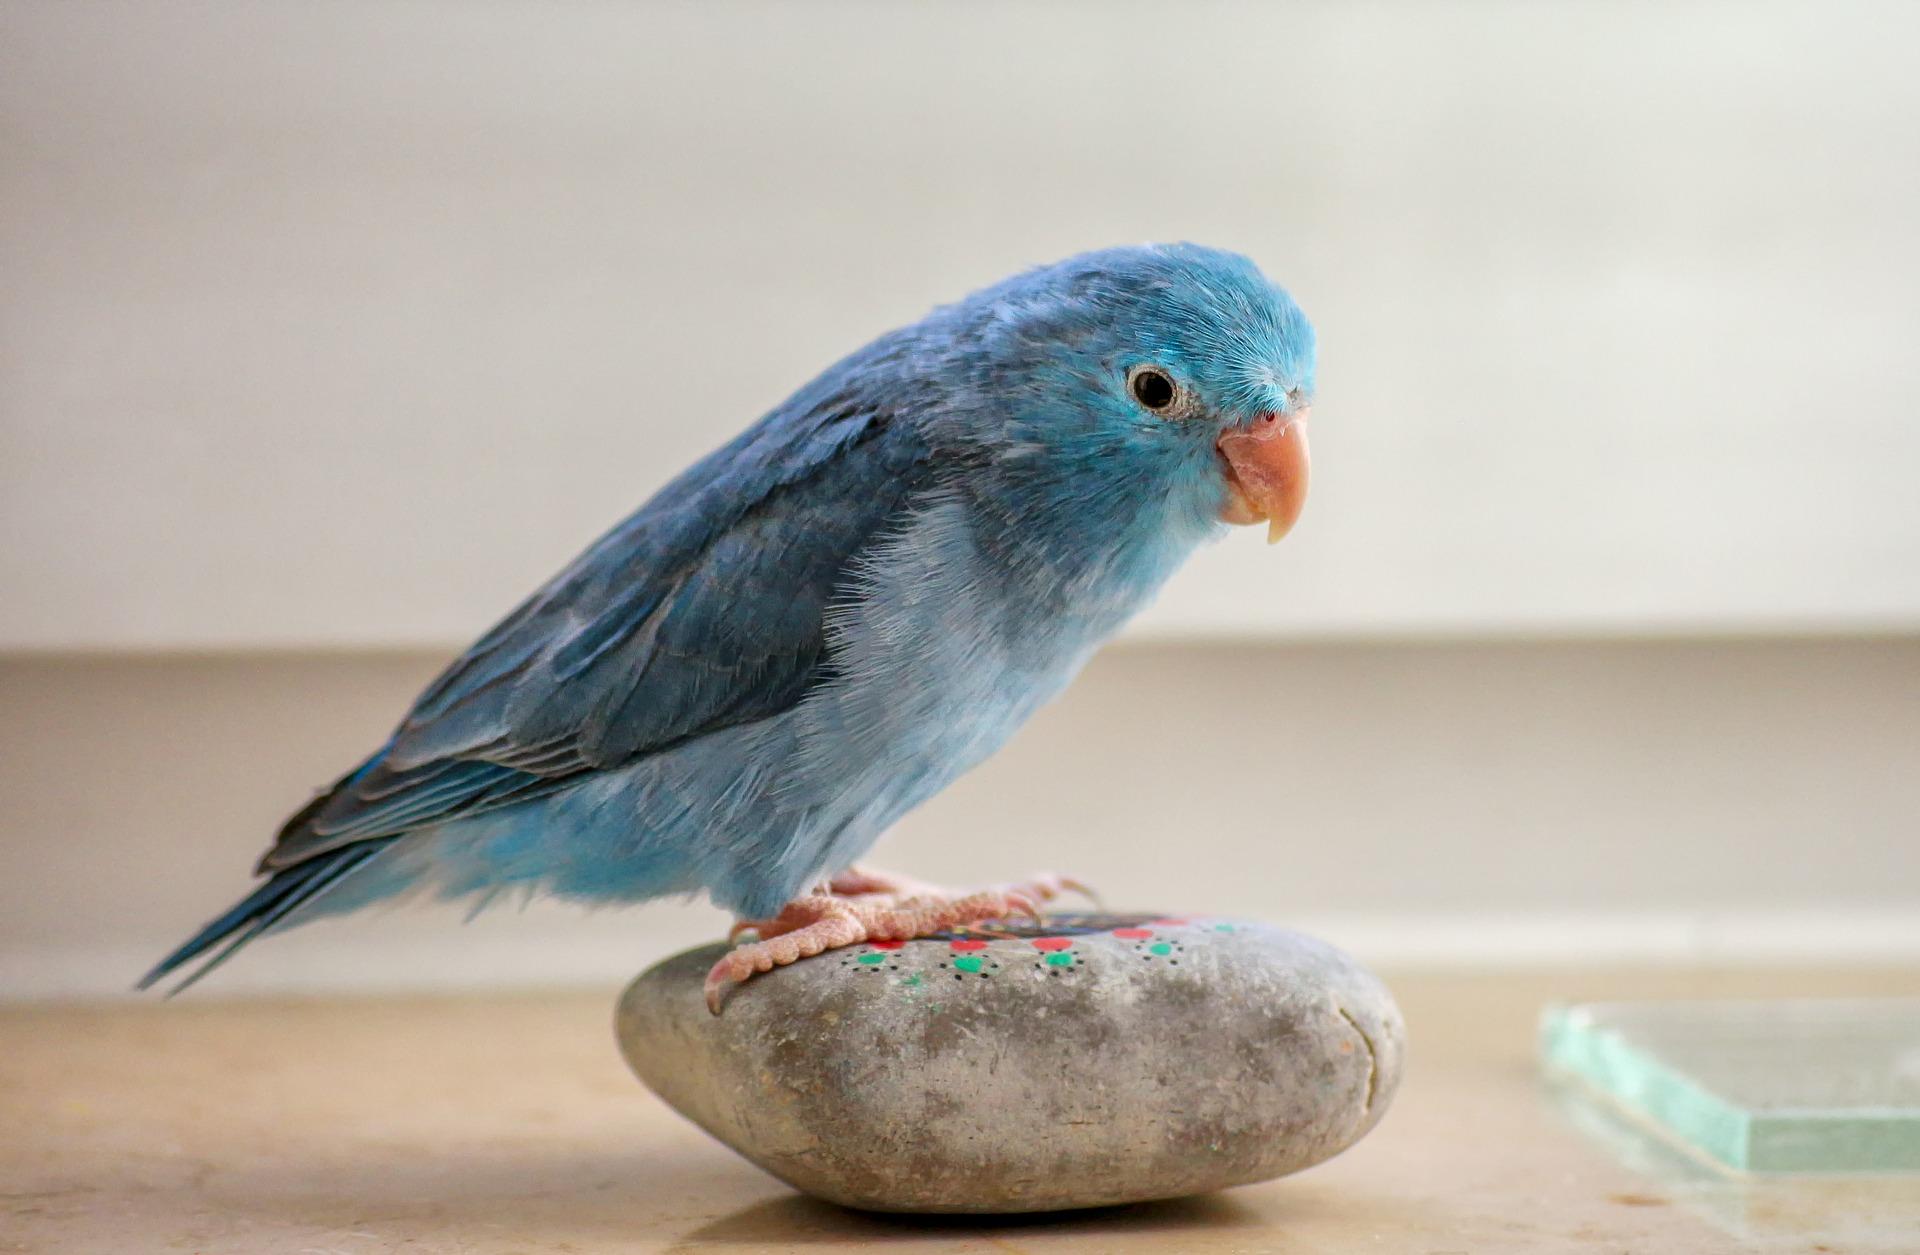 How to encourage wild birds into your garden